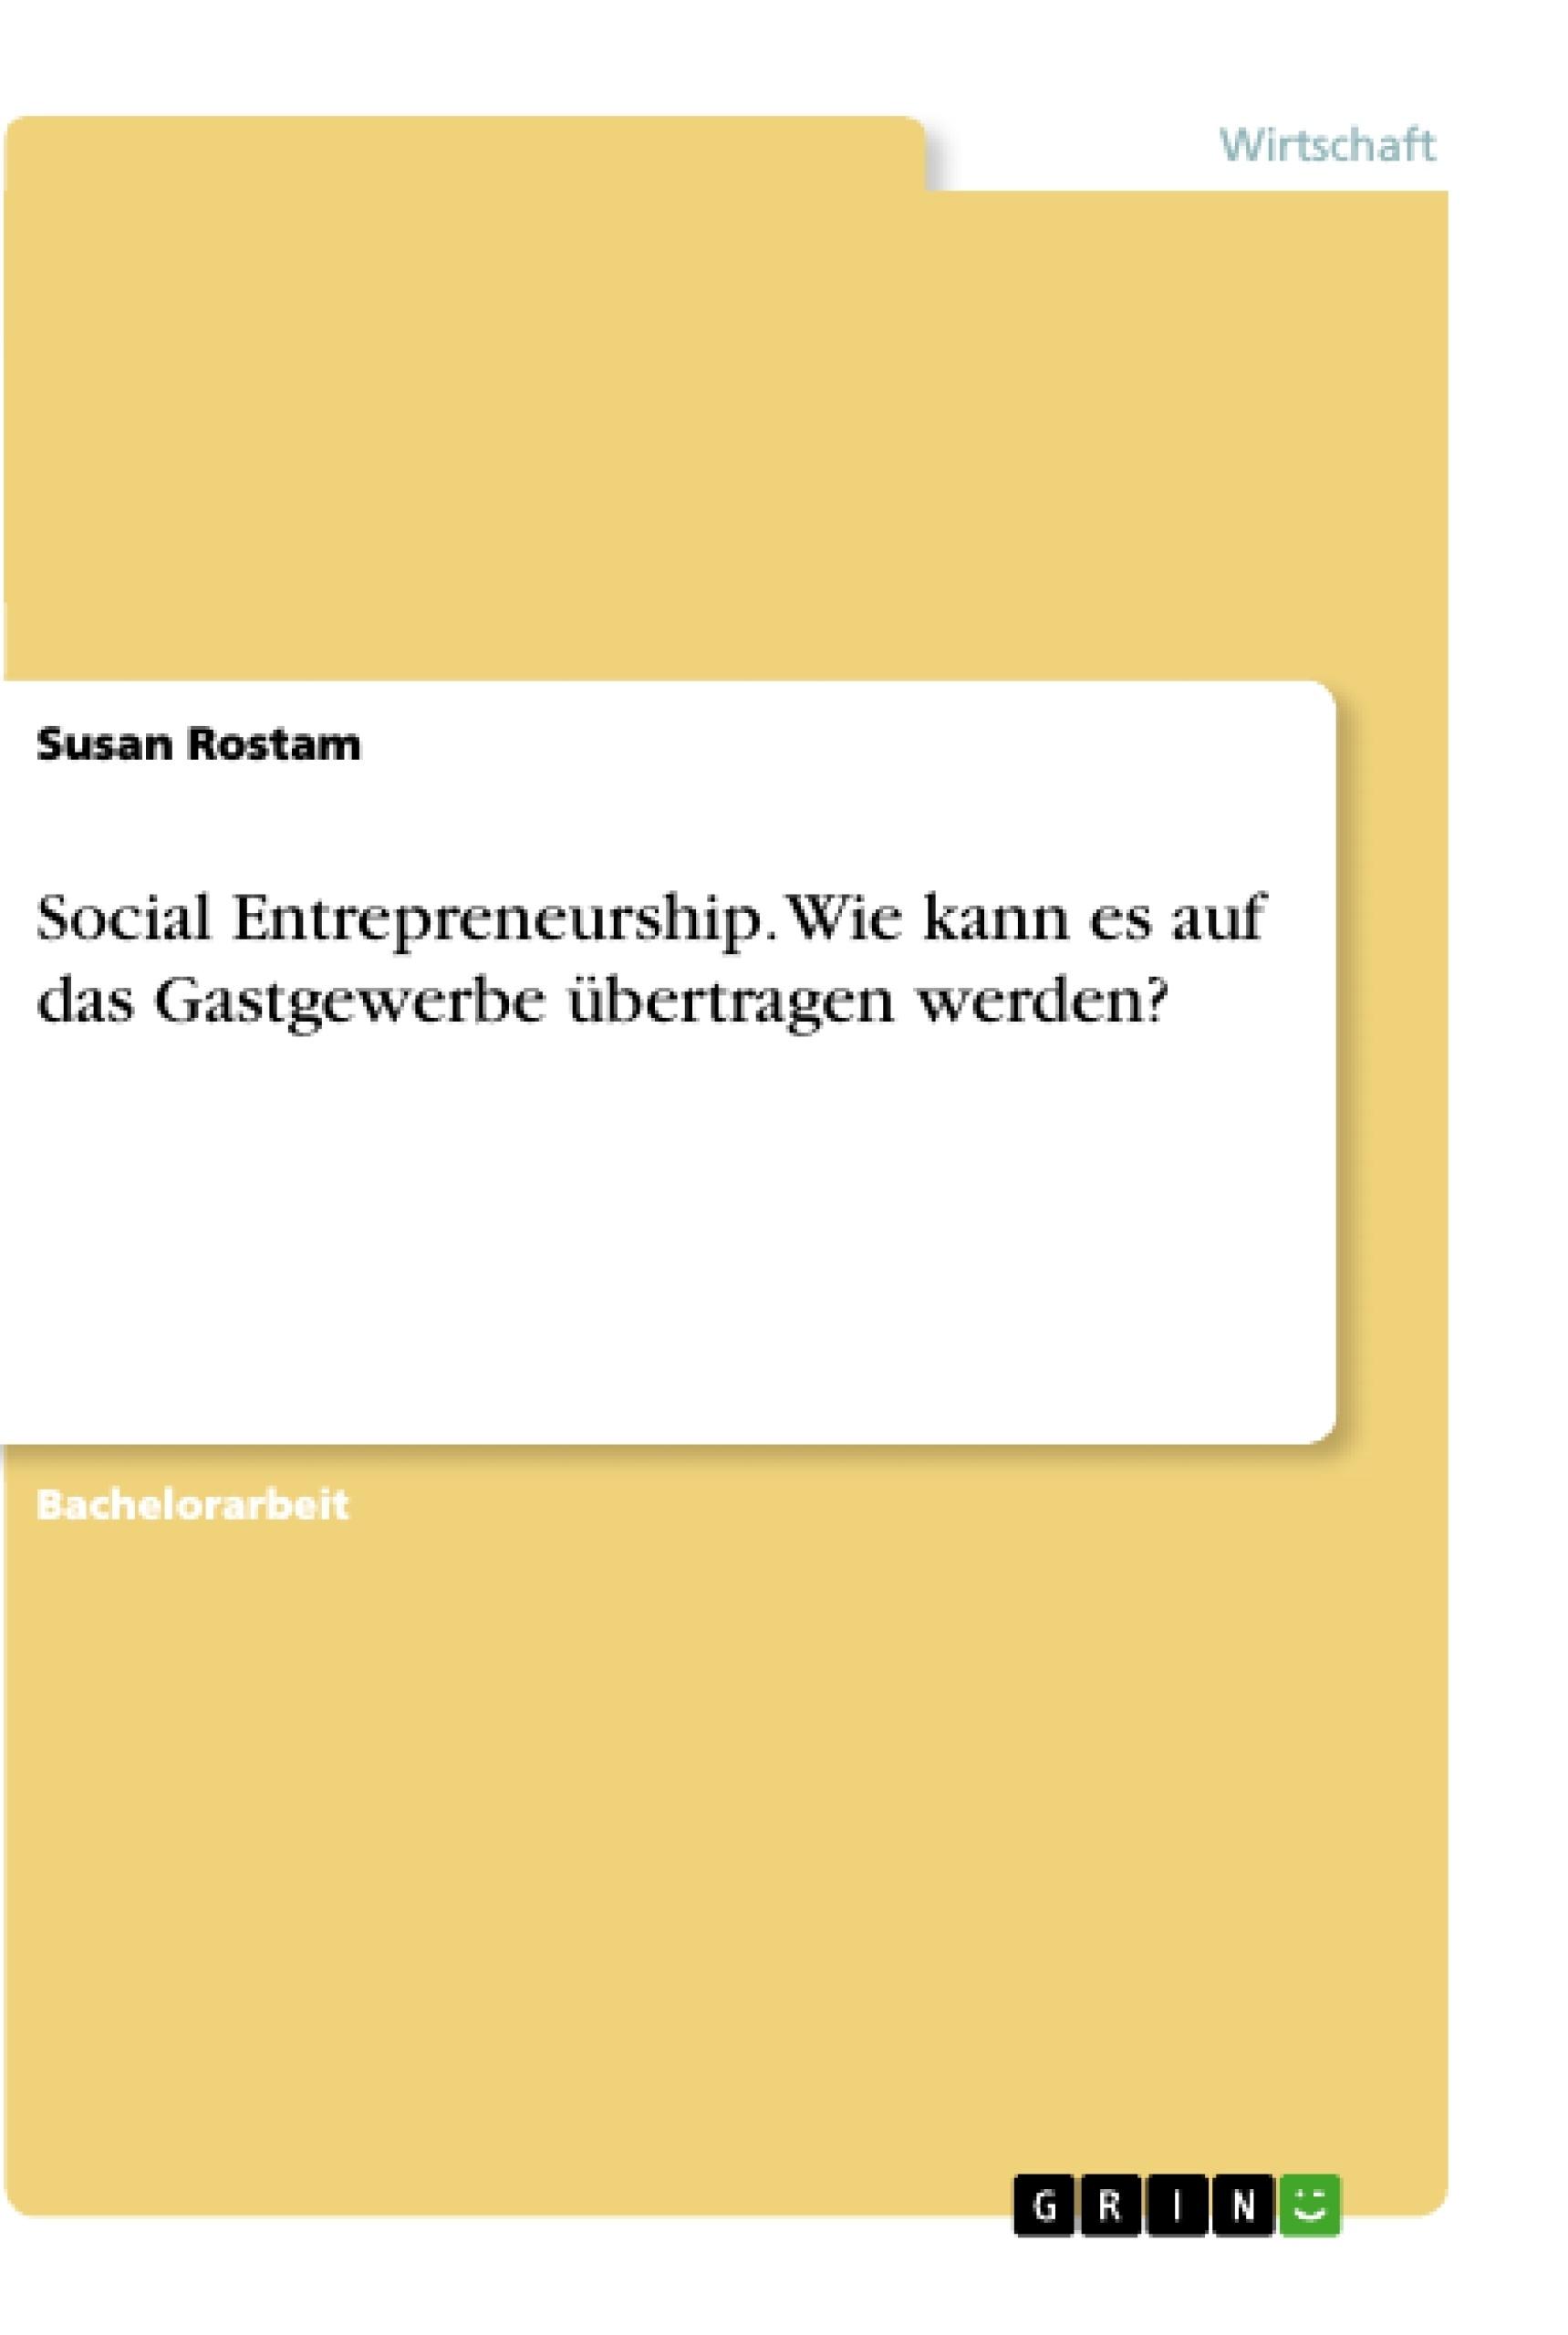 Titel: Social Entrepreneurship. Wie kann es auf das Gastgewerbe übertragen werden?